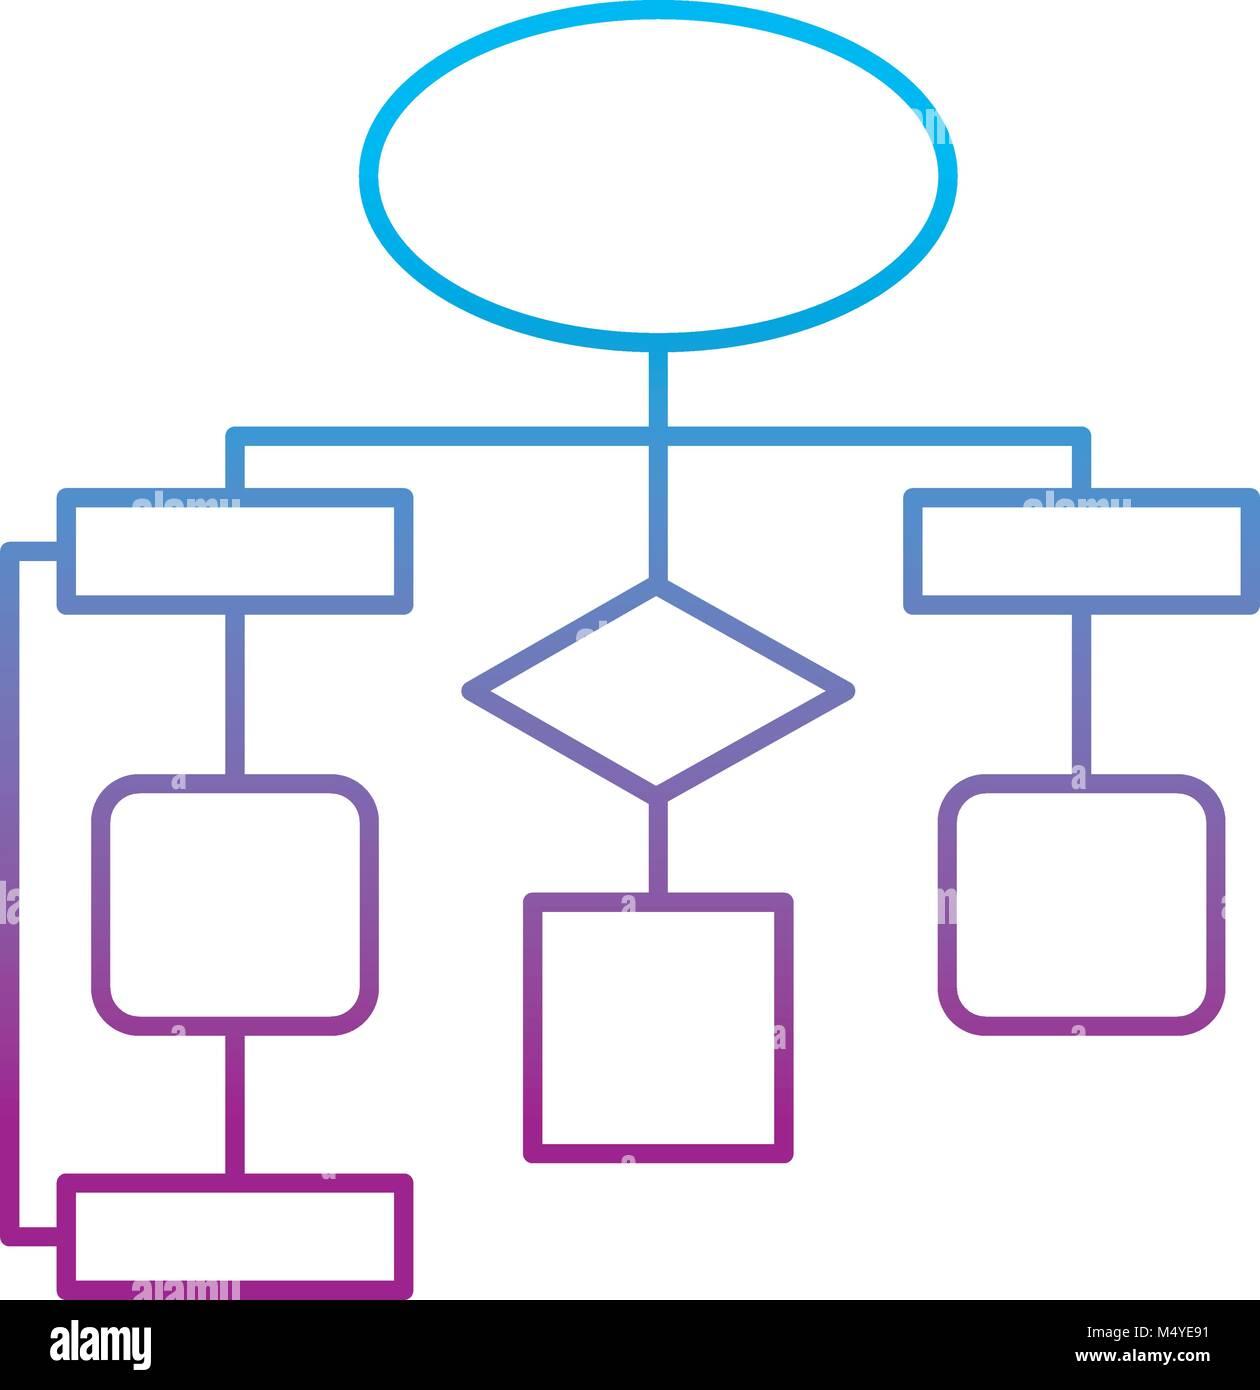 diagram flow chart connection empty